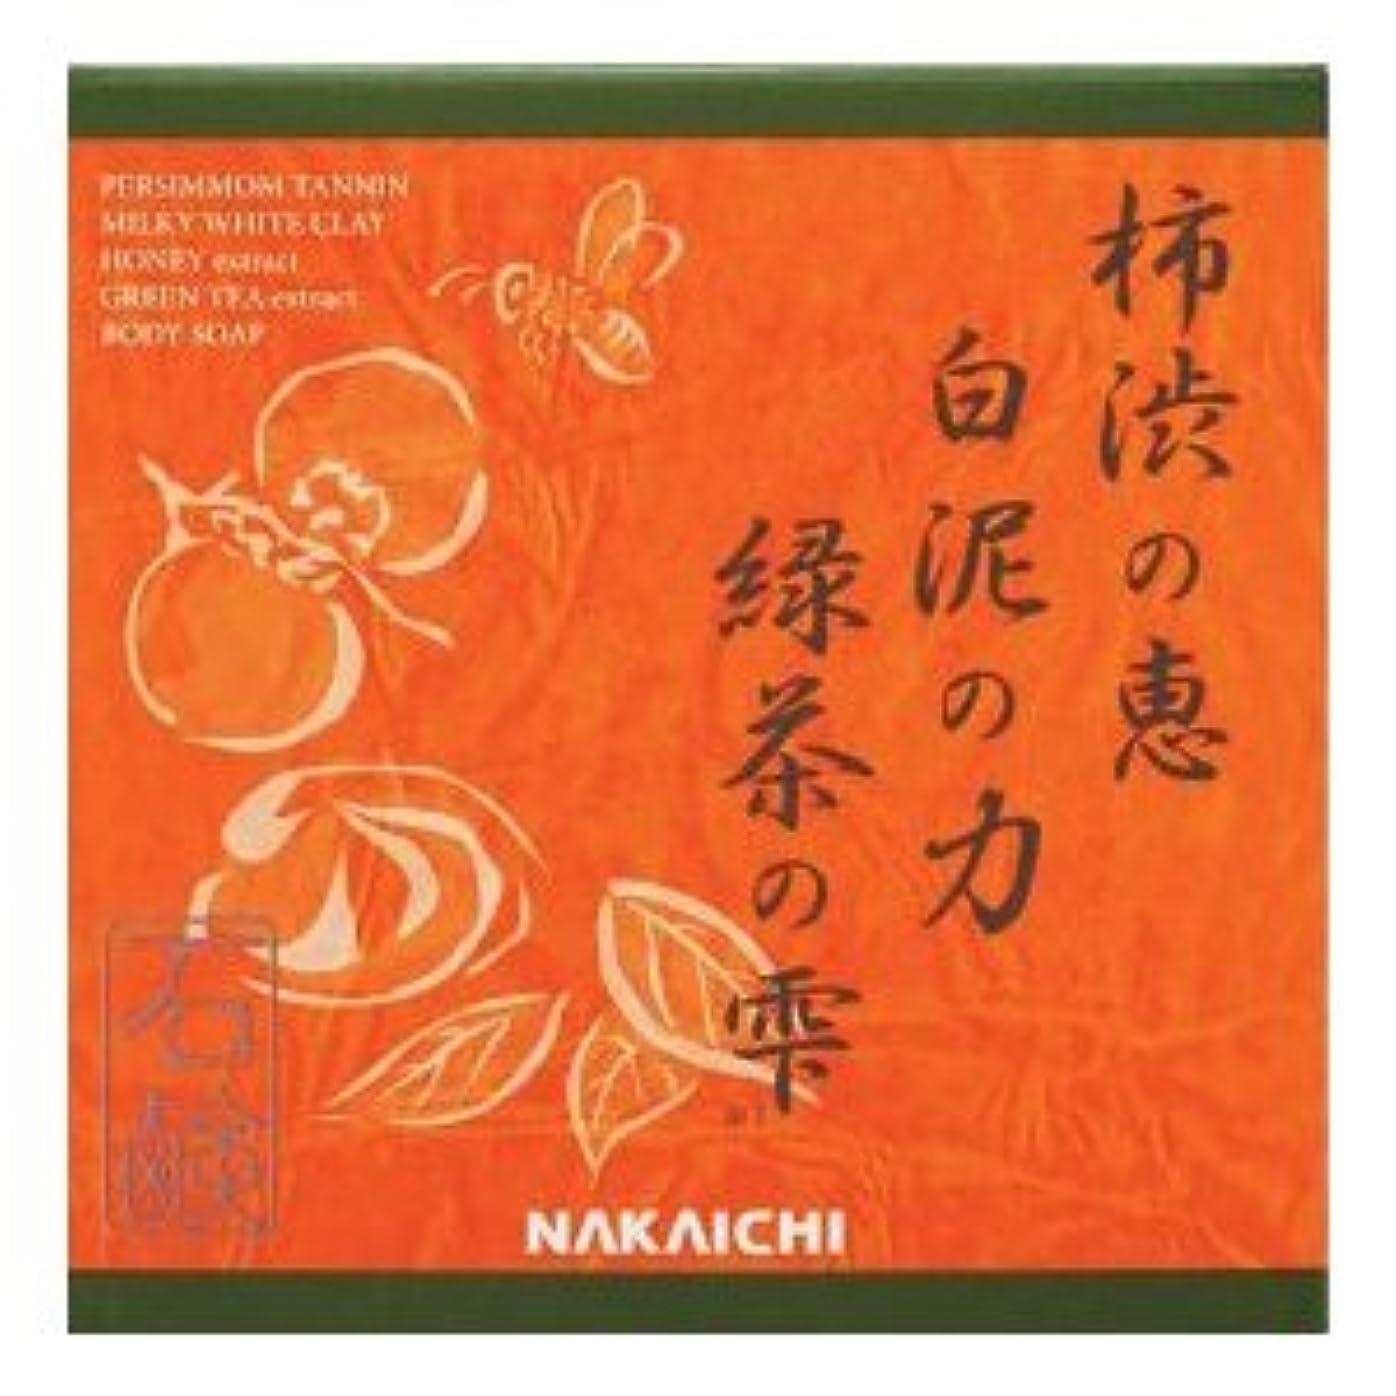 お金ゴム主に該当する柿渋の恵み?白泥の力?緑茶の雫  Nakaichi クリアボディーソープ  100g  (化粧品)